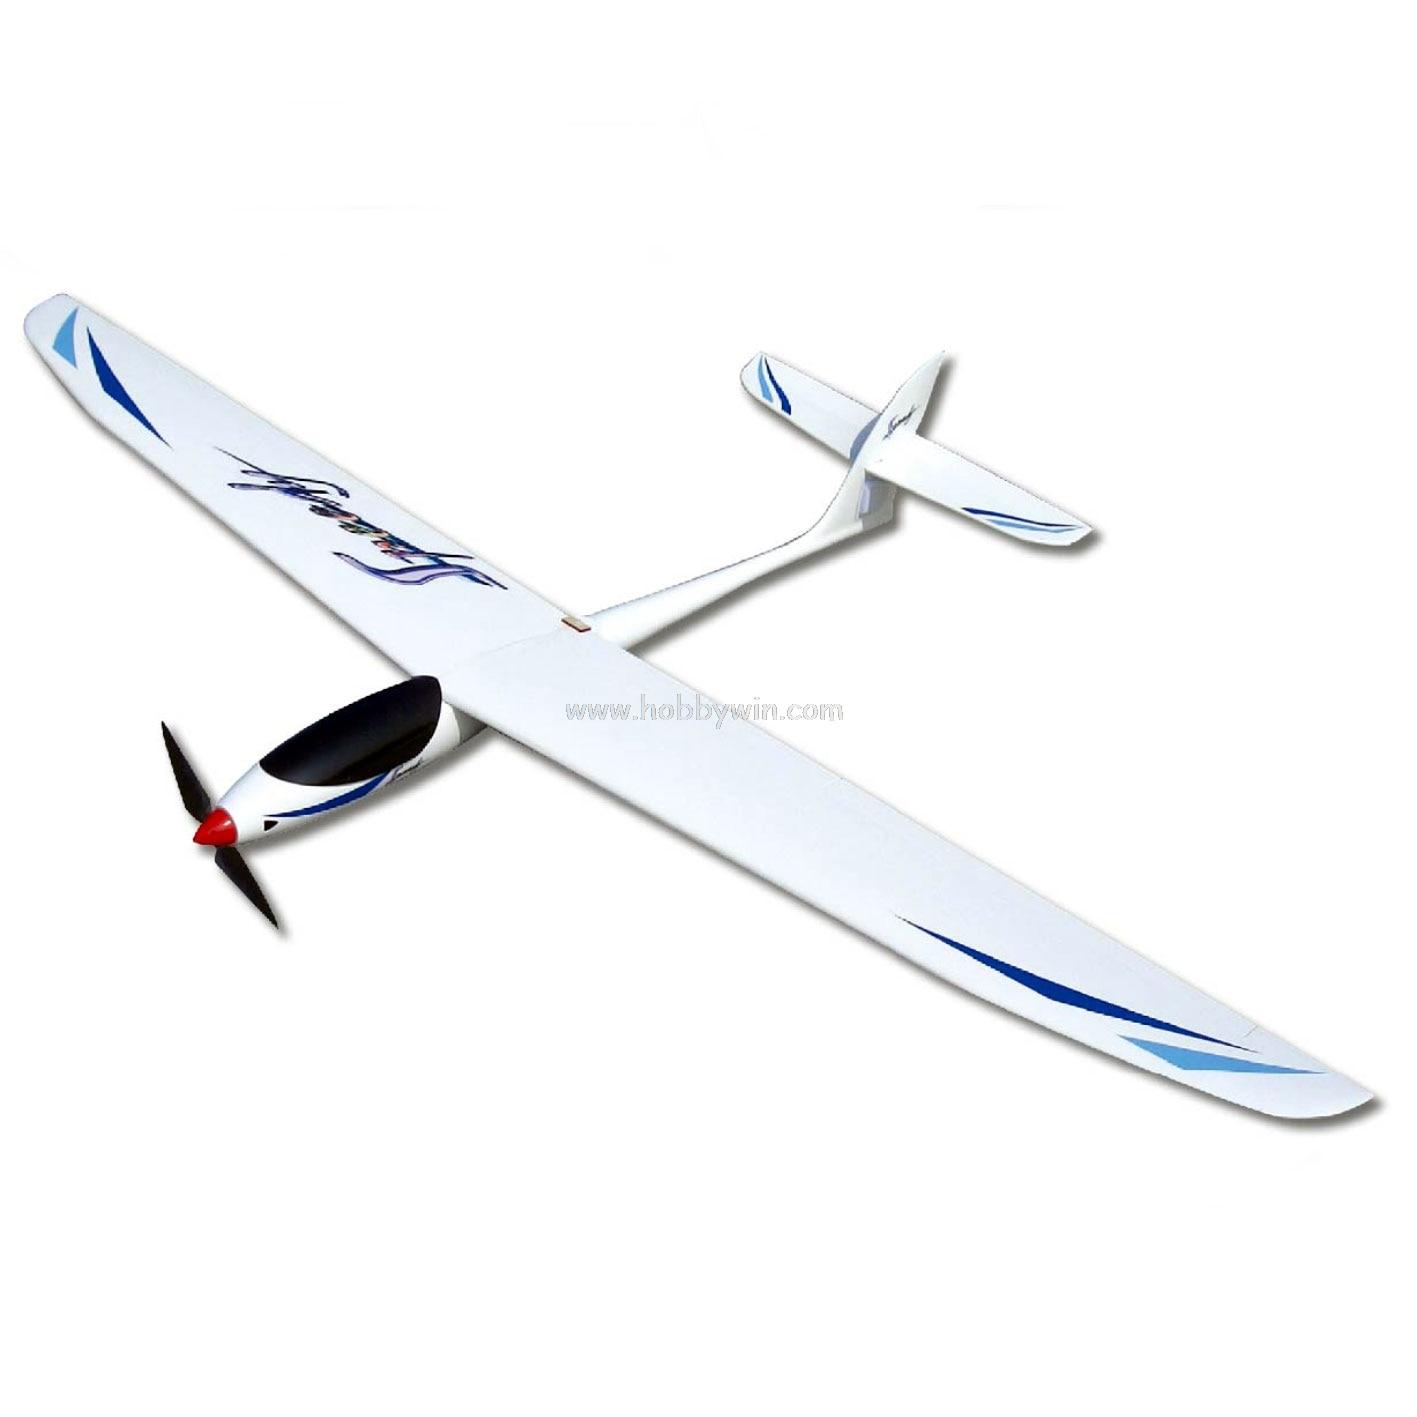 Motor Glider Kit Plans